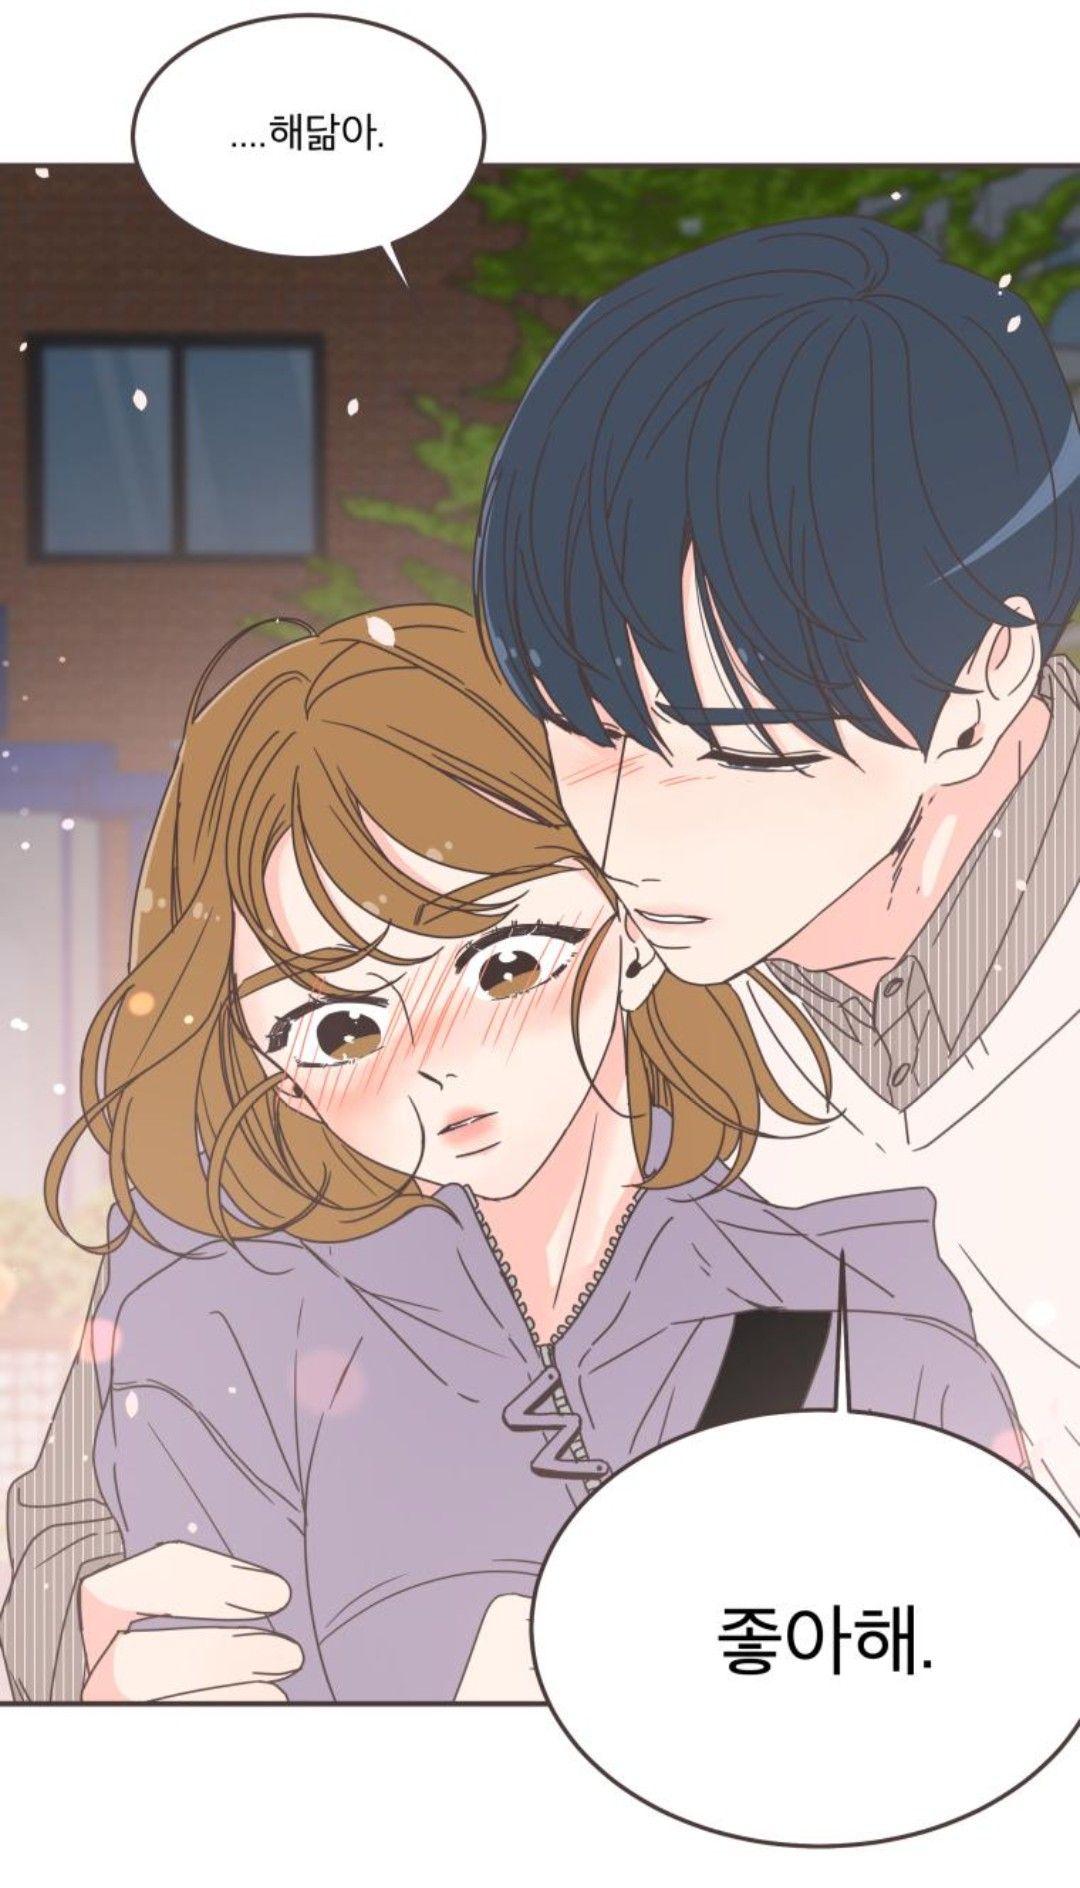 She's My Type | Manga anime, Manhwa, Komik romantis